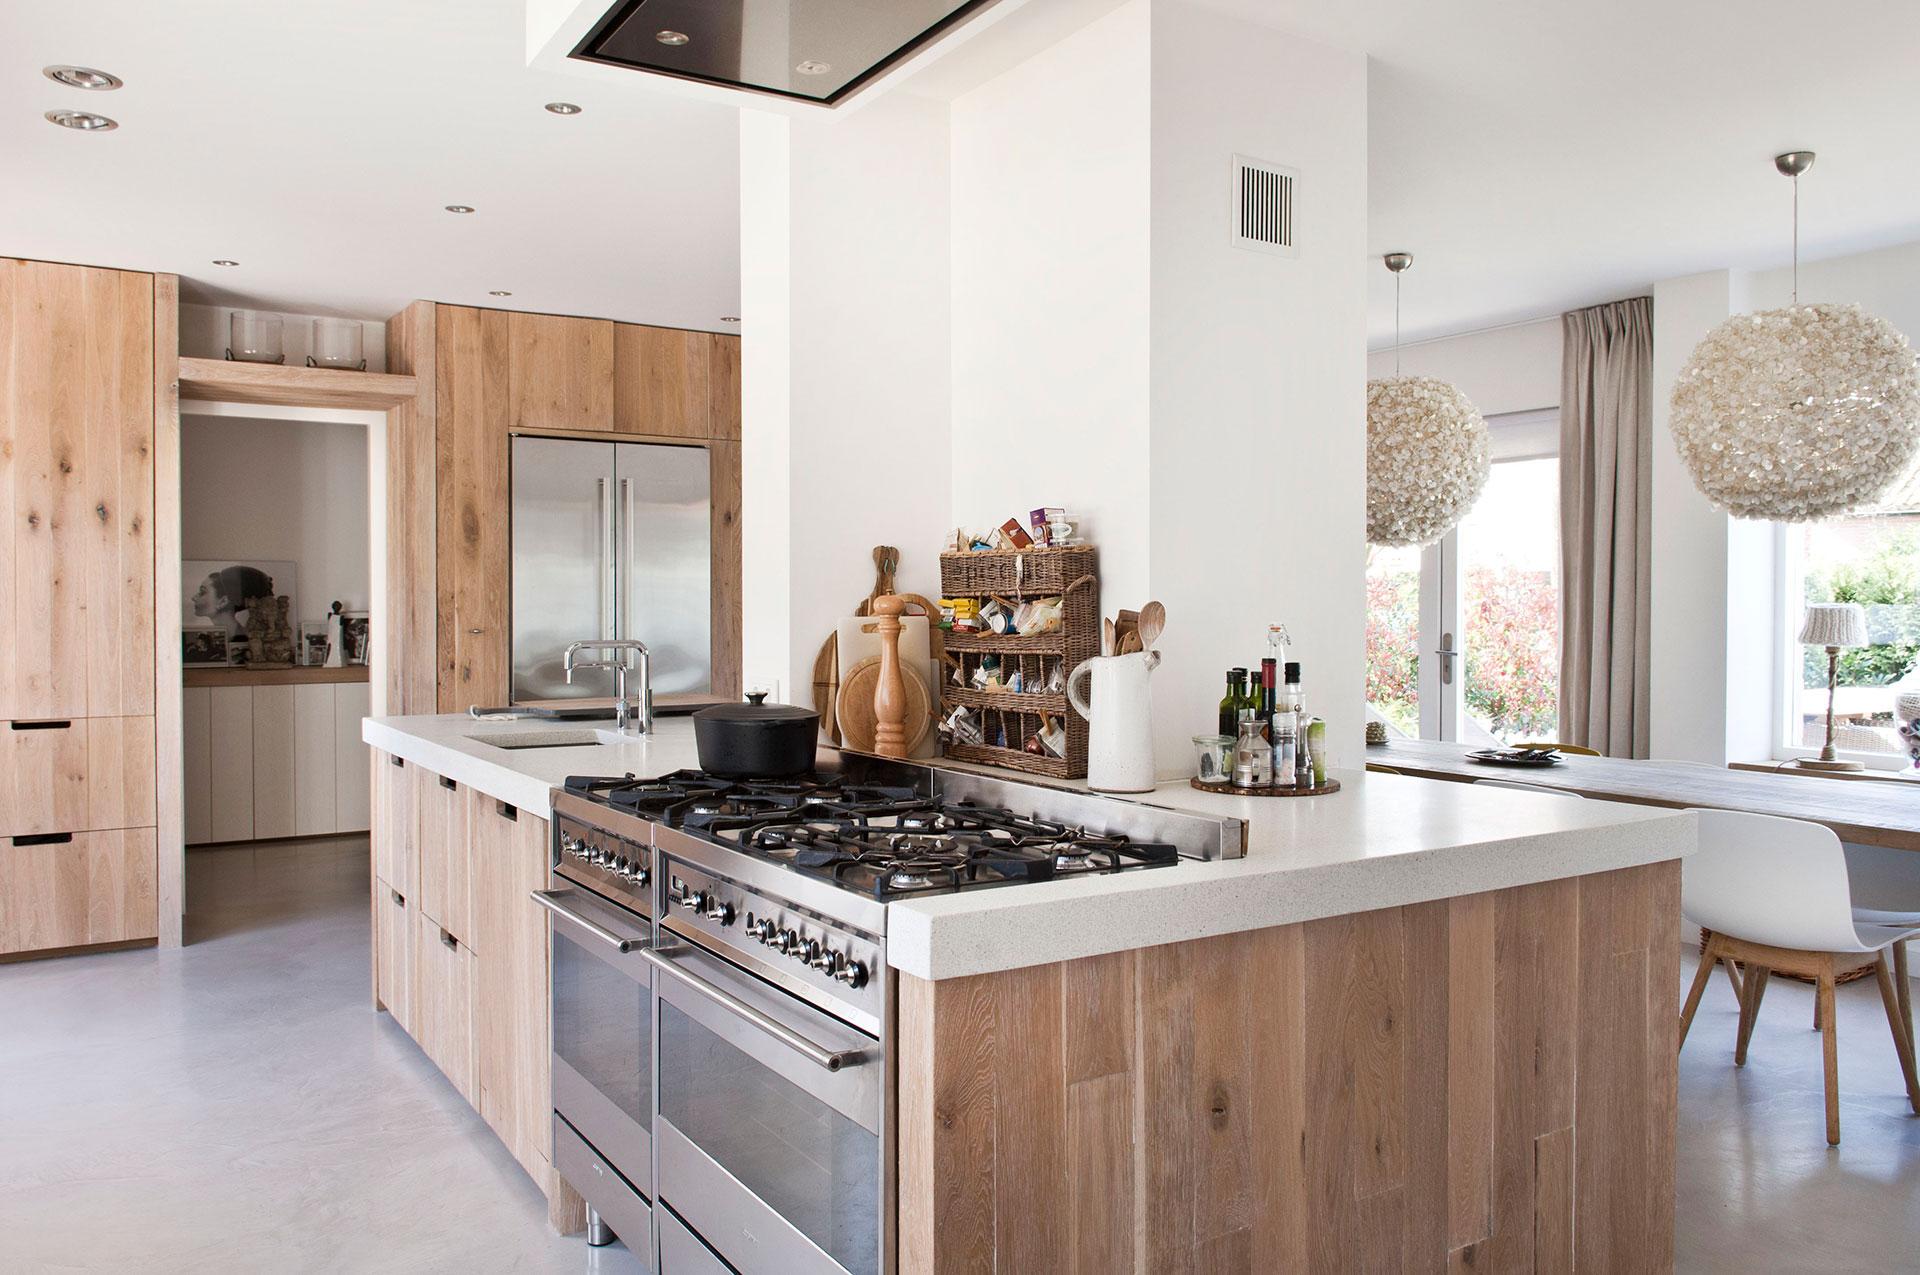 Kookeiland Keuken Houten : Puur houten kookeiland